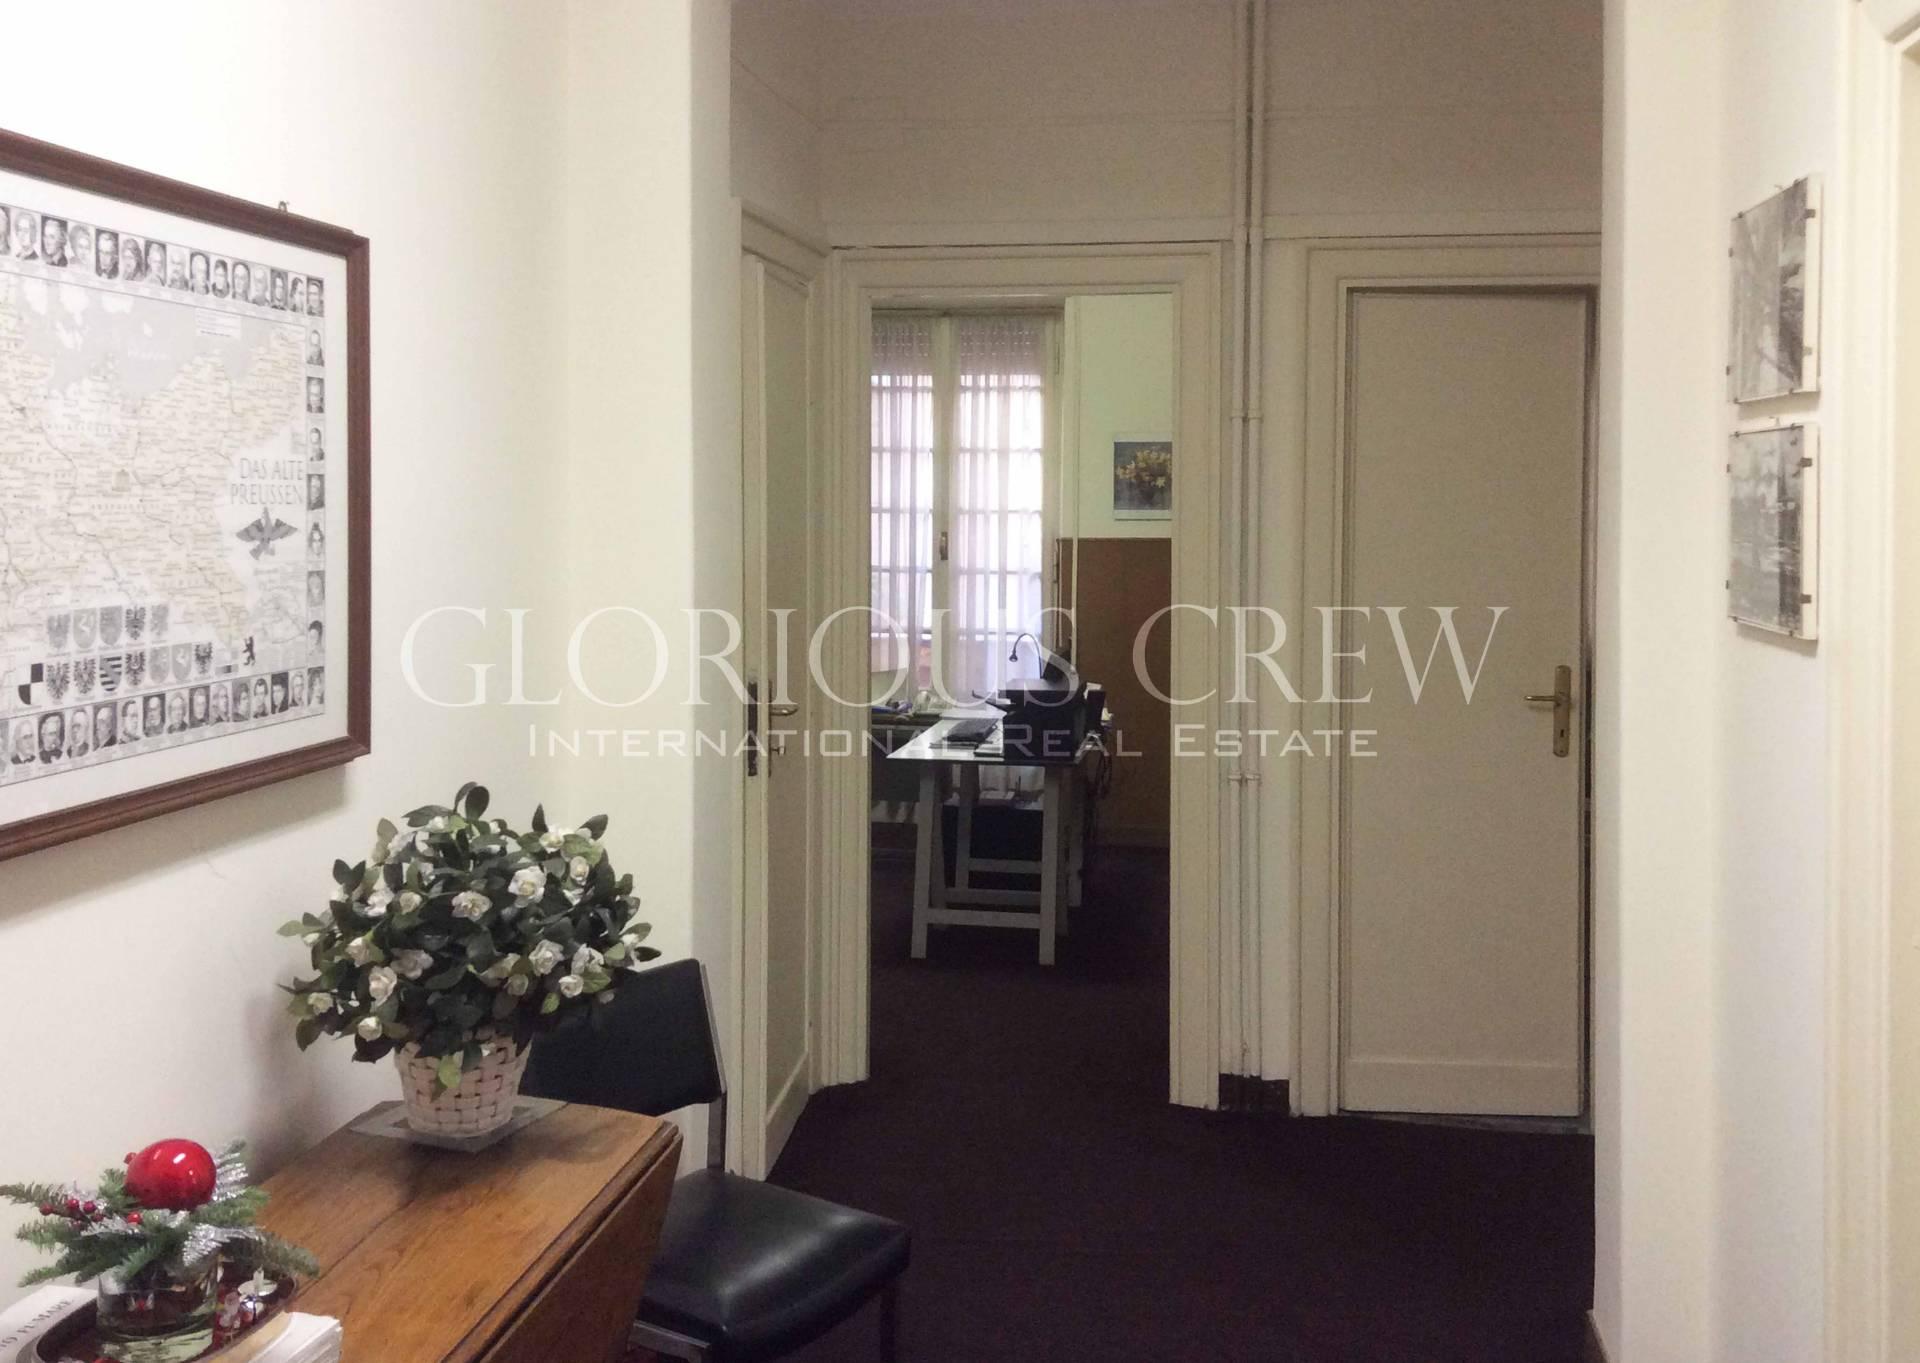 Appartamento in Vendita a Roma 06 Nuovo / Salario / Prati fiscali: 3 locali, 80 mq